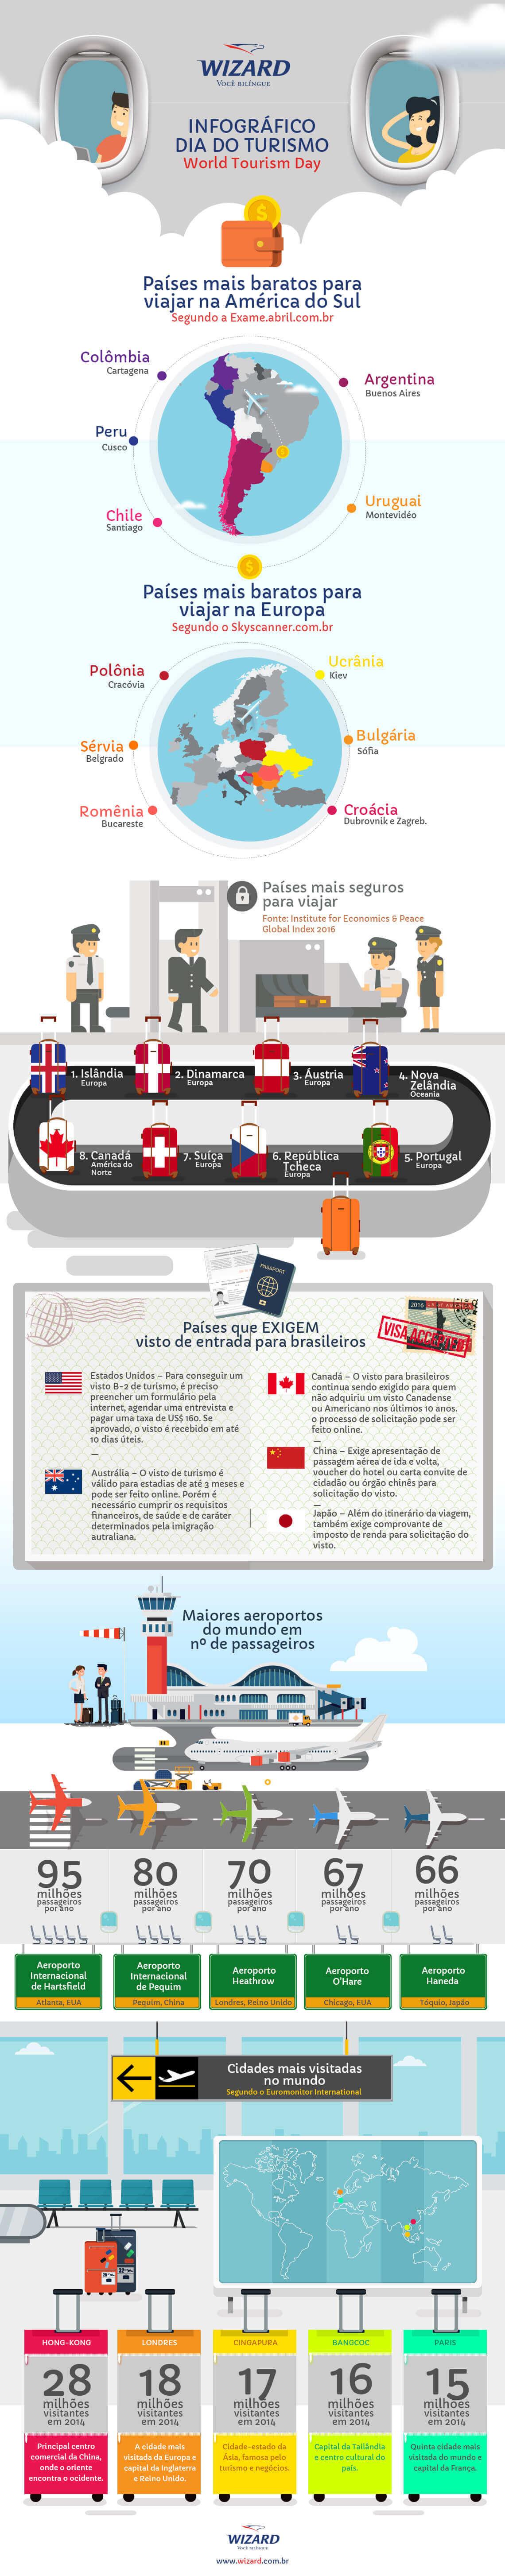 infográfico de curiosidades sobre turismo e viagem